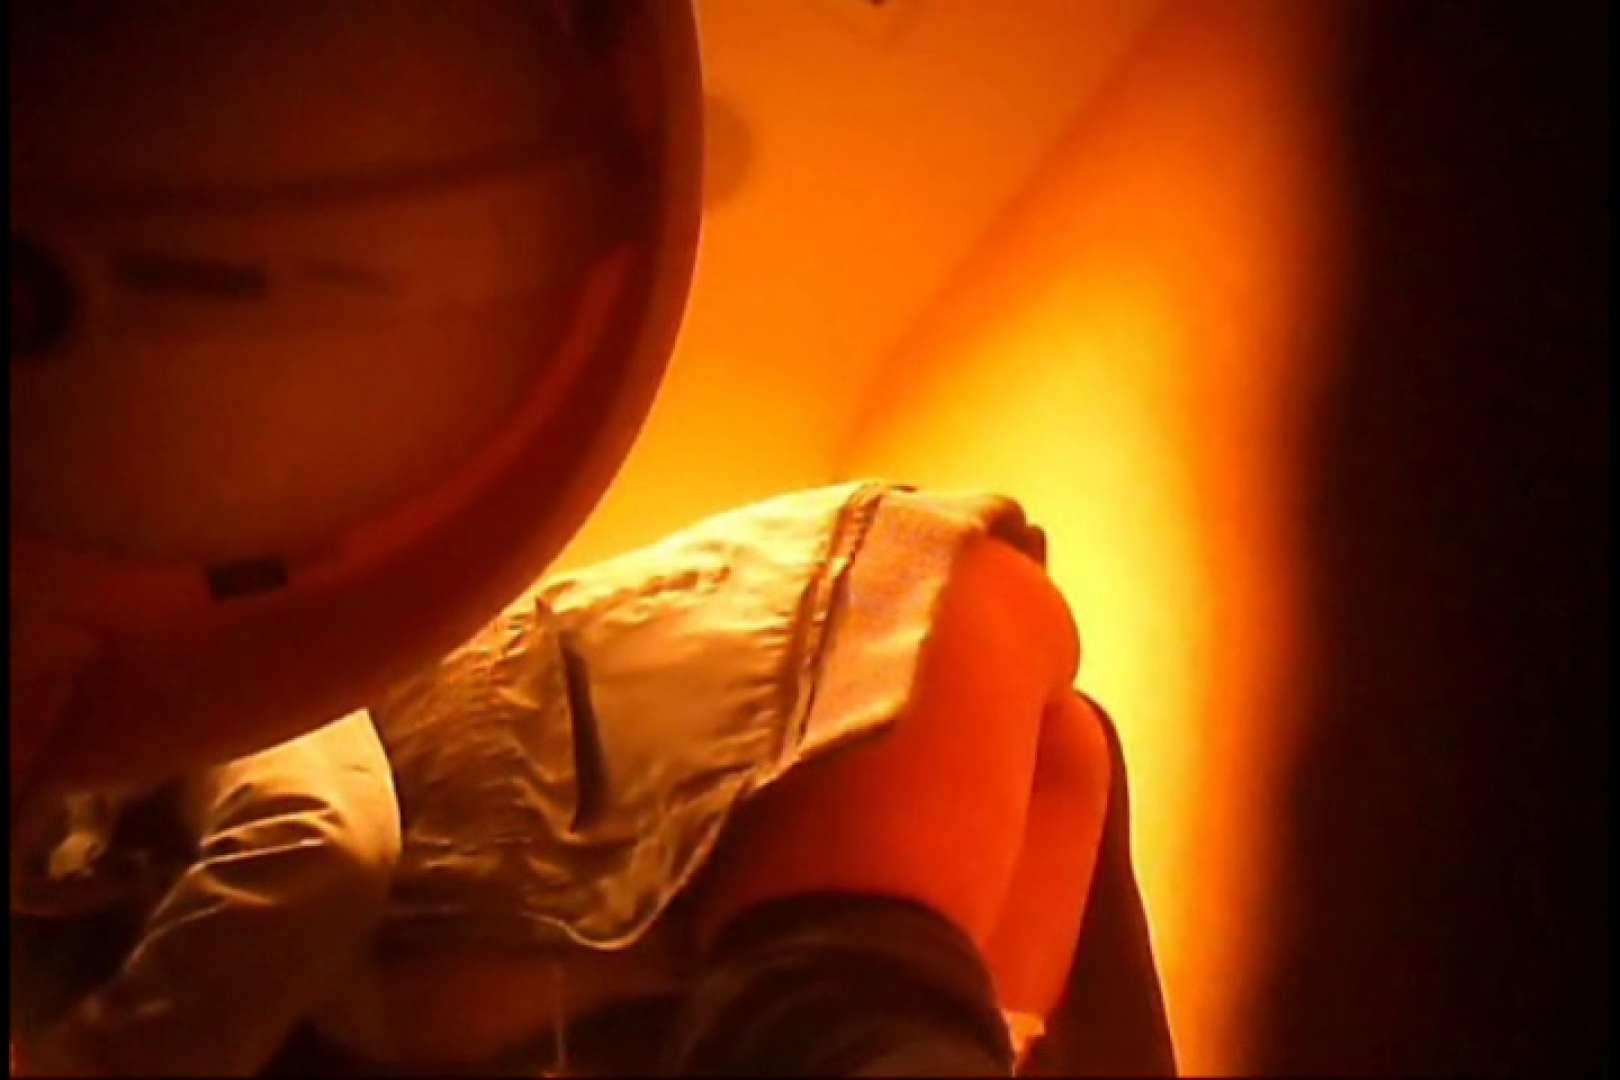 潜入!!女子化粧室盗撮~絶対見られたくない時間~vo,78 潜入シリーズ   お尻  90pic 80